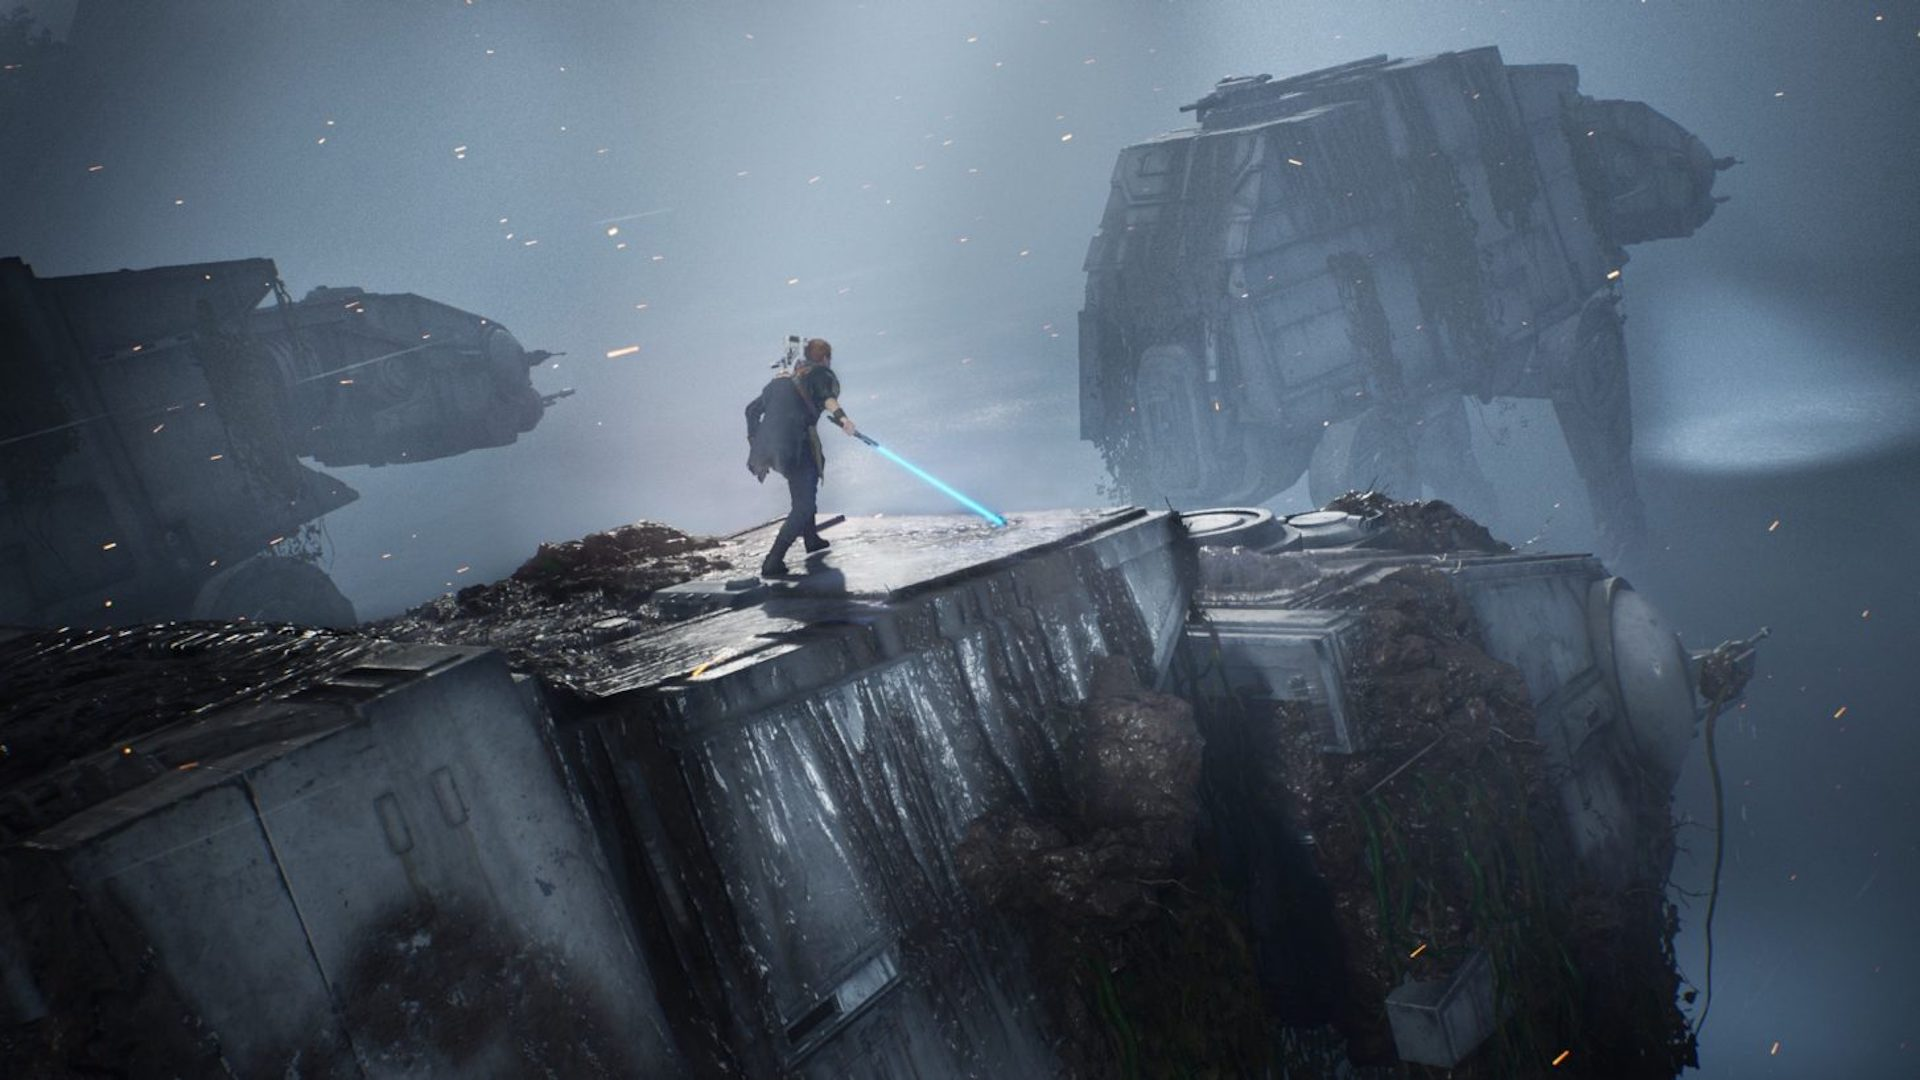 《星球大战绝地:陨落的武士团》将有吓人场景